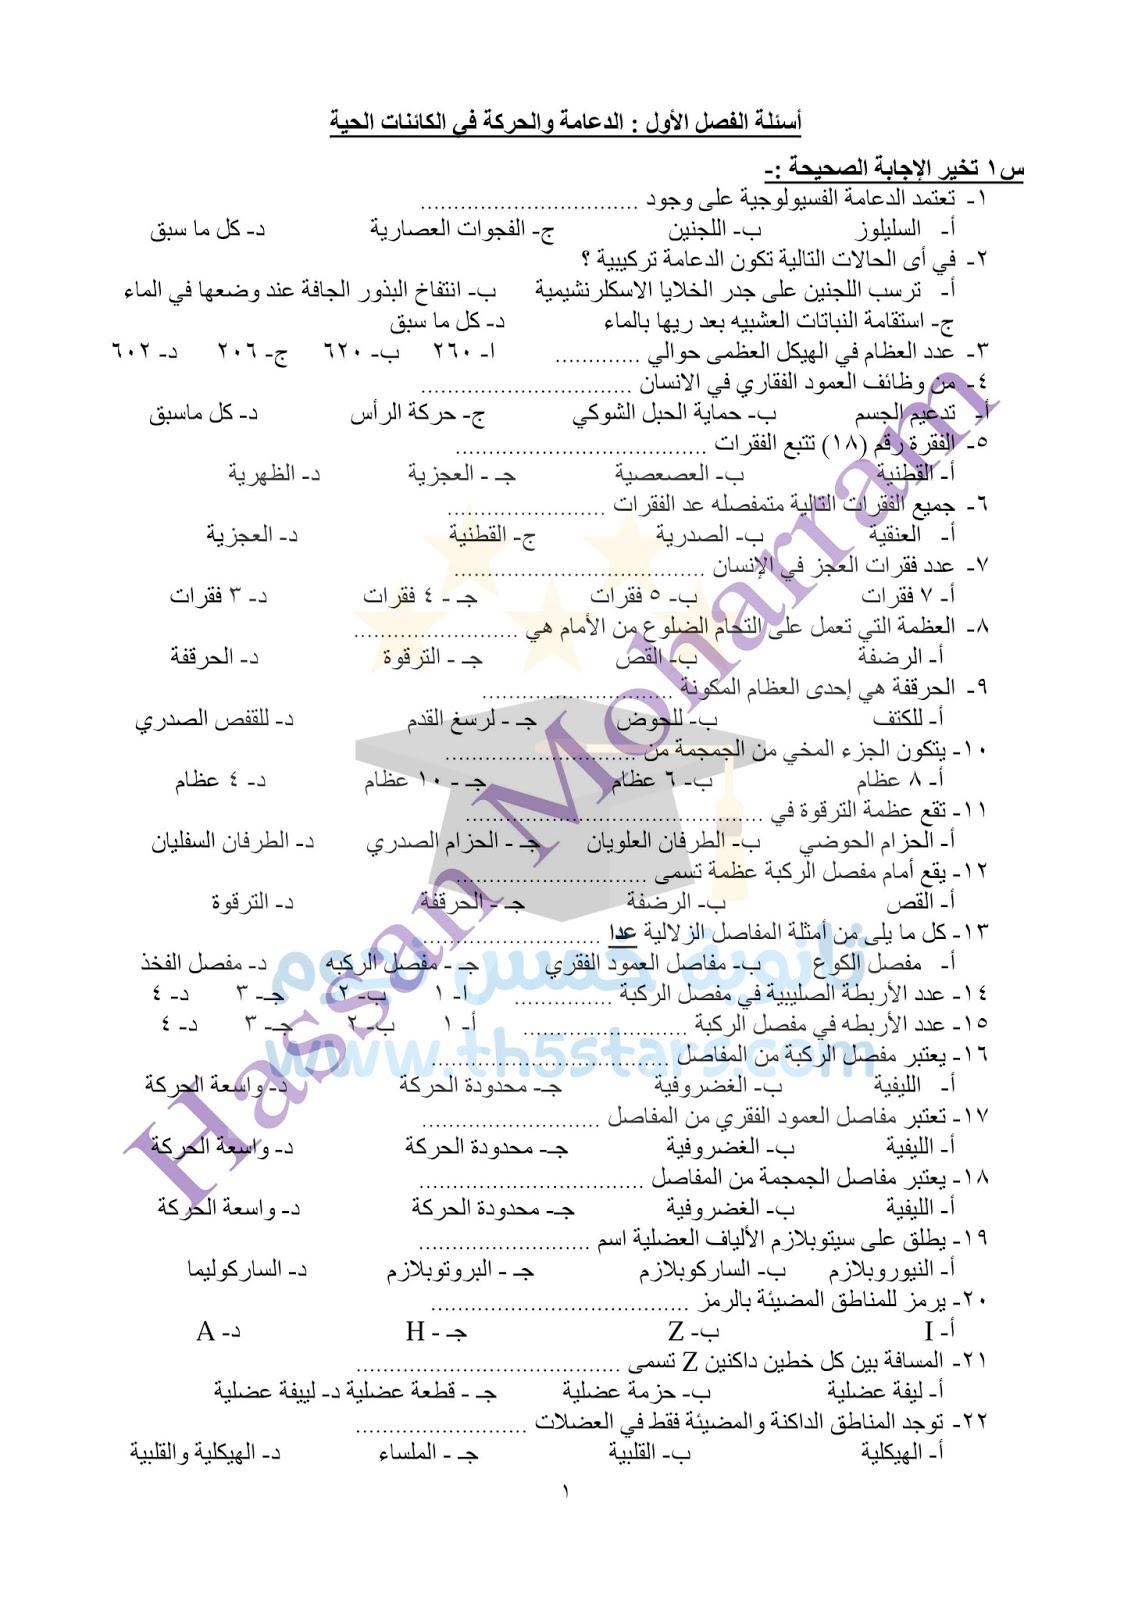 اسئلة أحياء فصل الدعامة والحركة امتحانات ثانوية عامة 2017